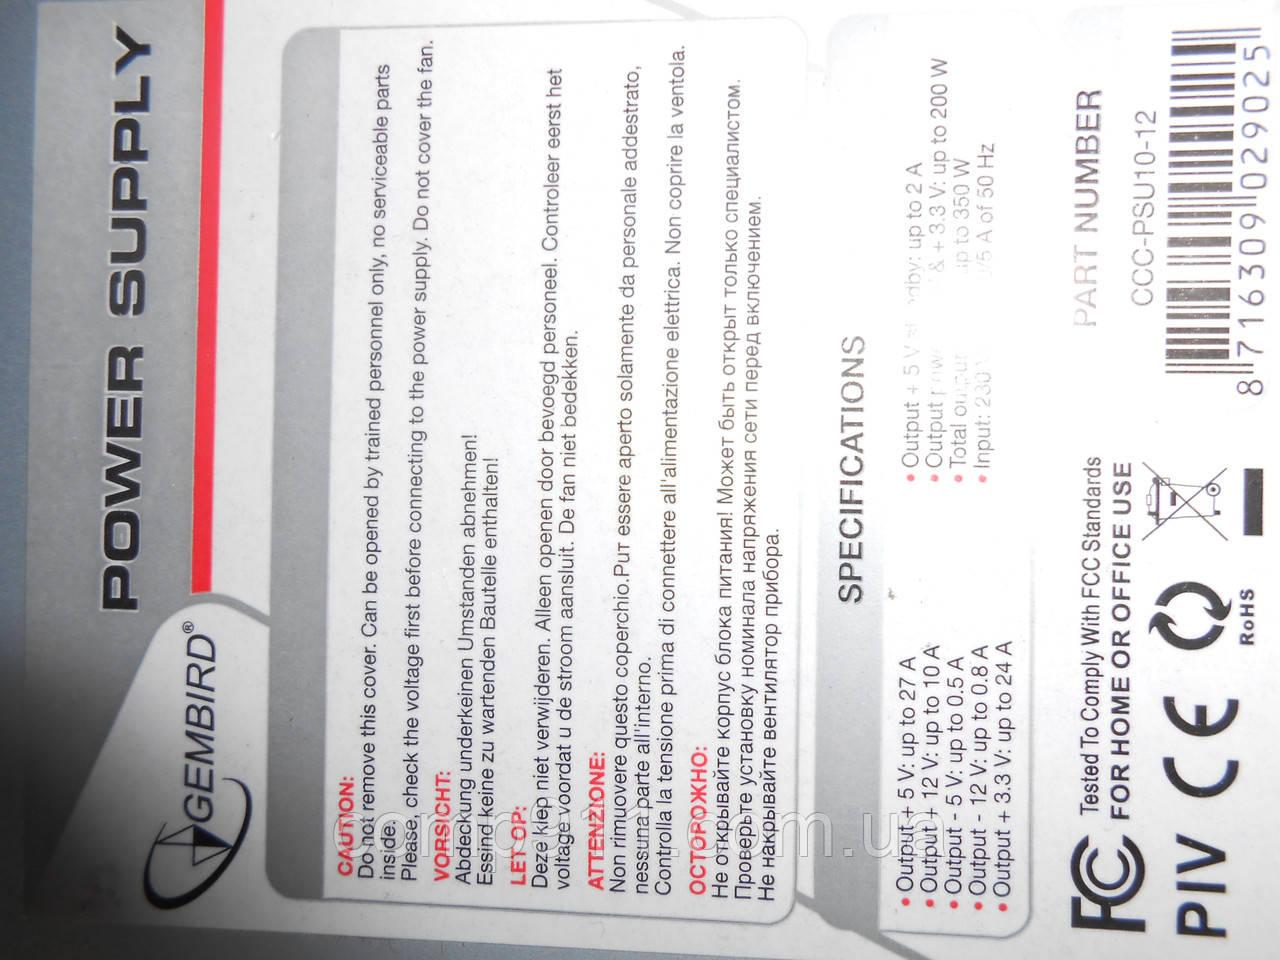 Блок питания Gembird Psu10-12 350w